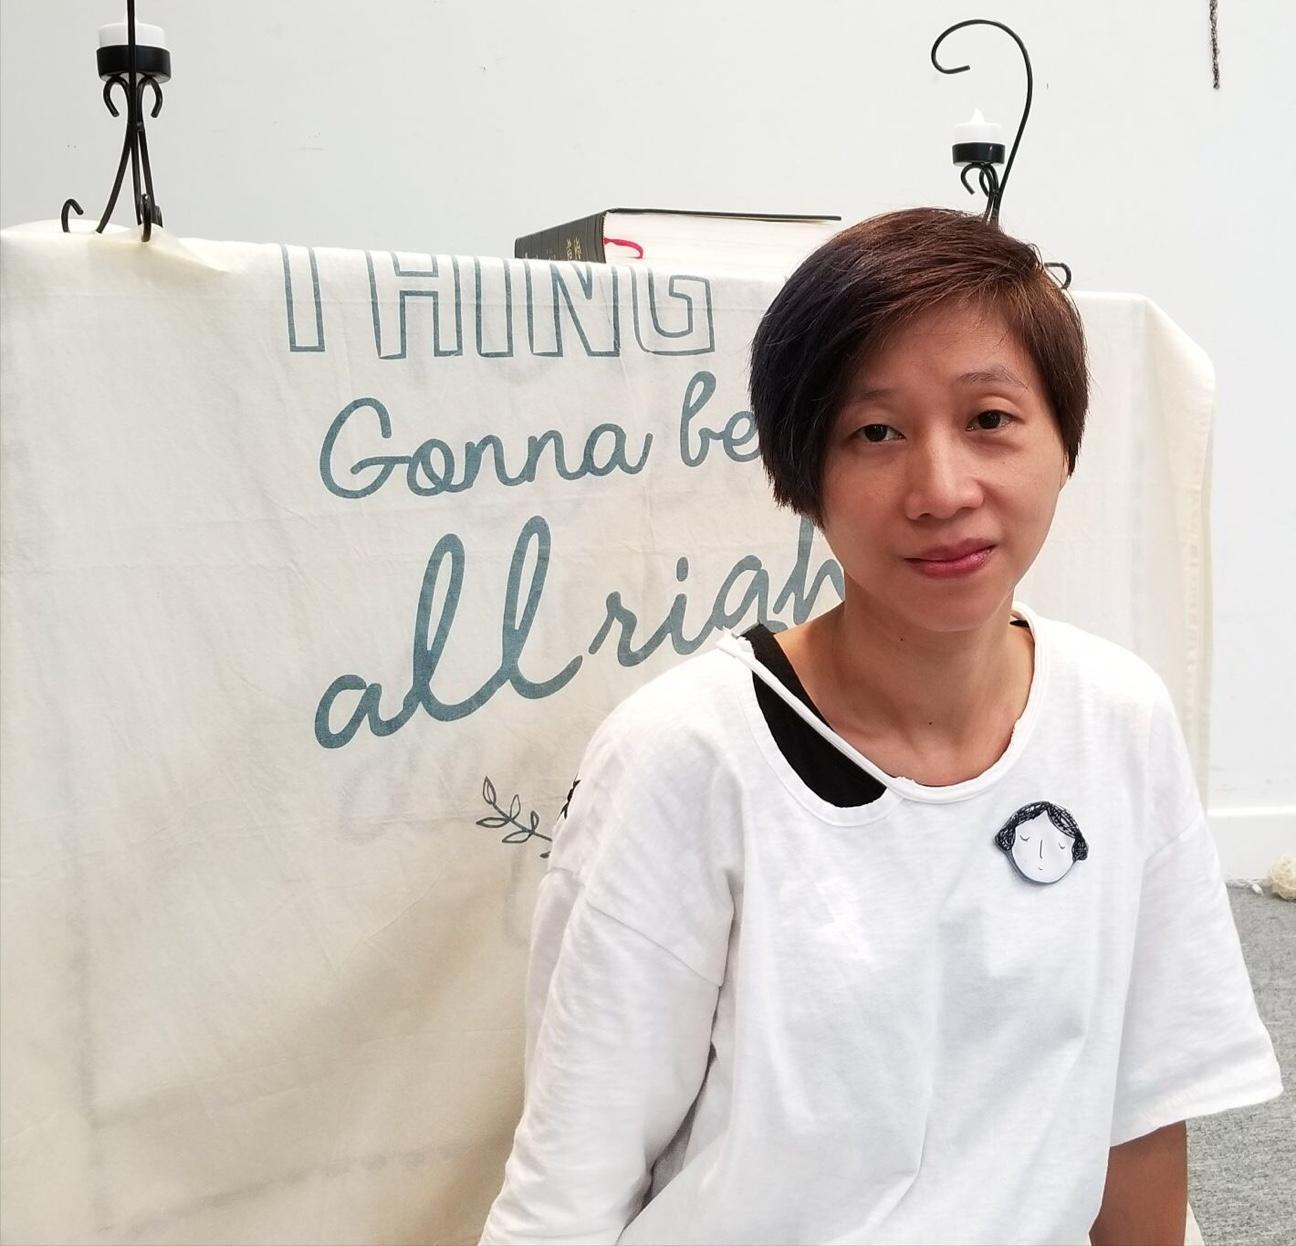 香港青年協會持續進修中心「善別輔導技巧證書」課程導師 Mint So